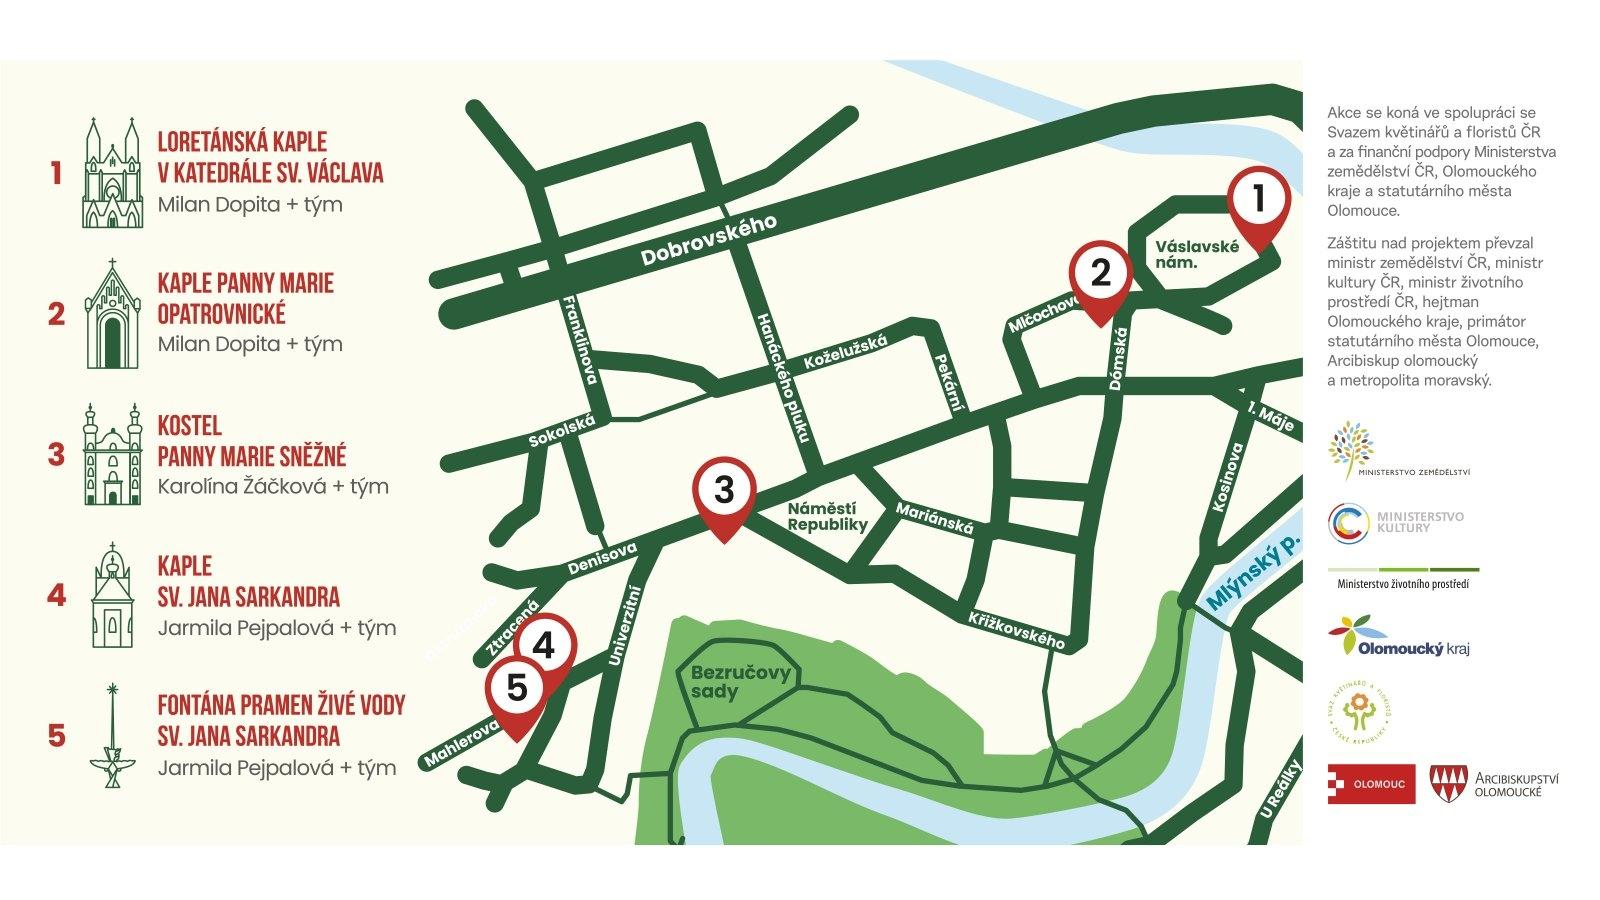 mapka - Rozkvětlé památky zdroj: VFO